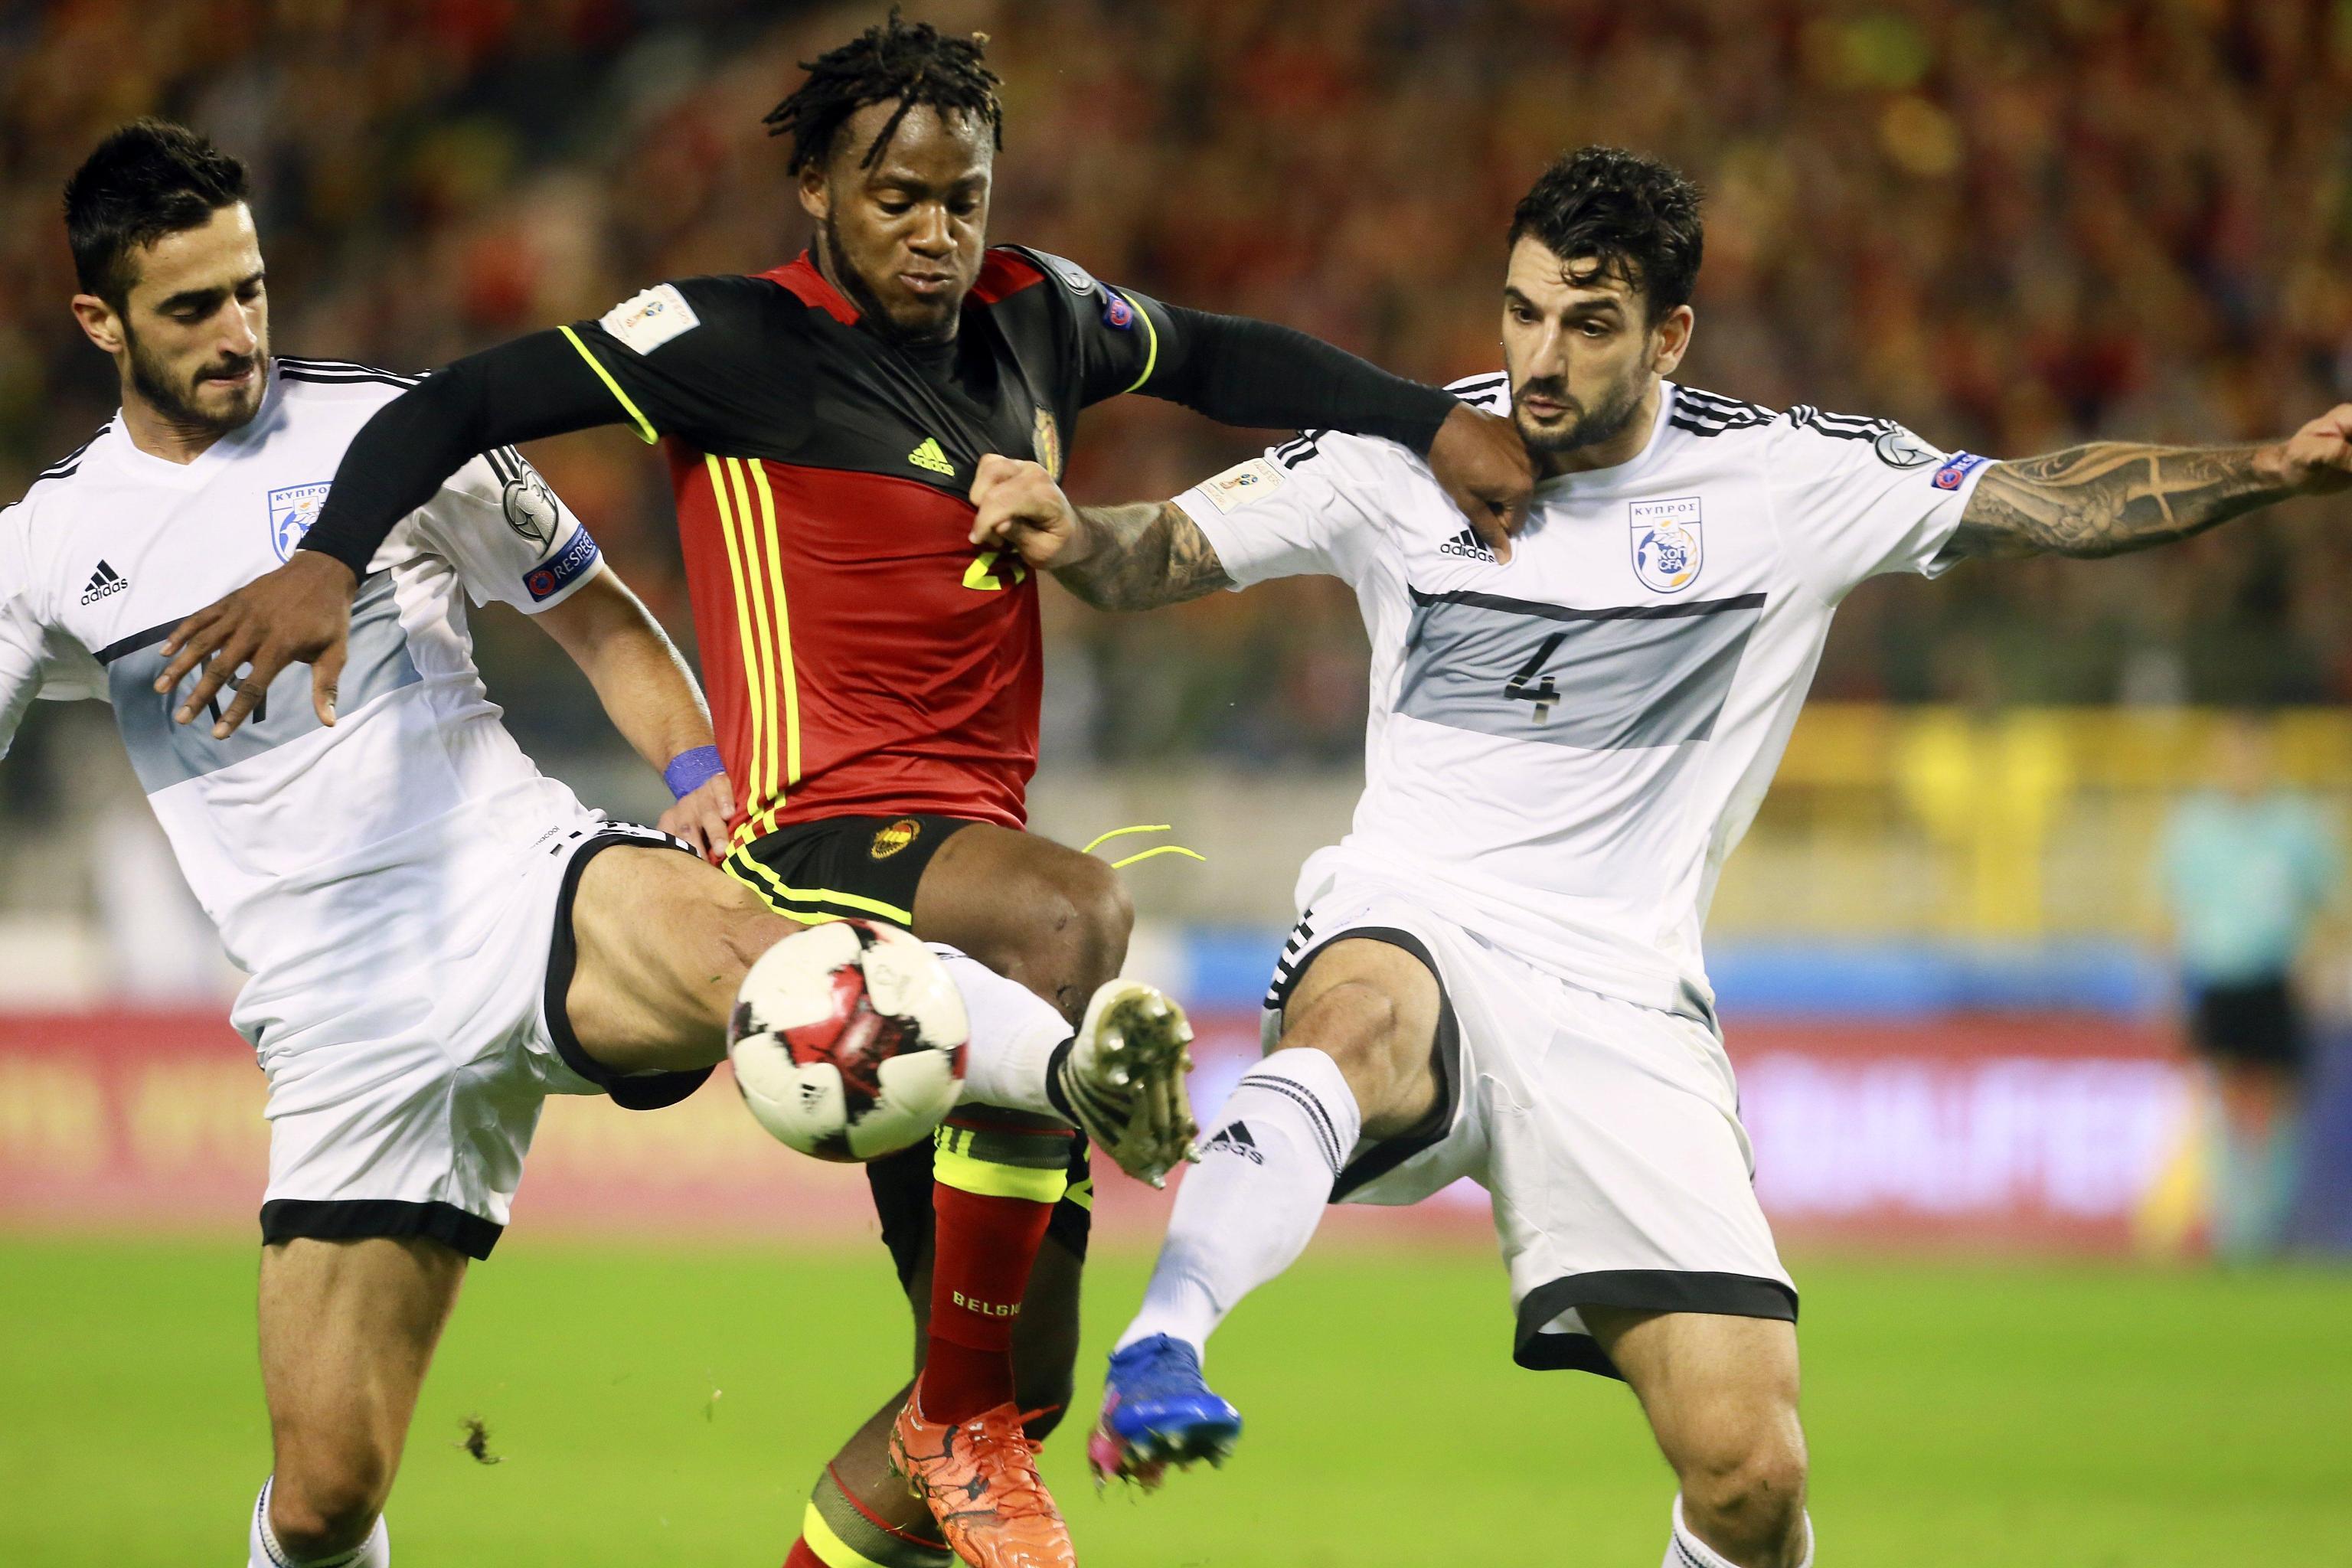 Sono  Francia  e  Portogallo  le ultime due squadre europee qualificate direttamente per il Mondiale di  Russia 2018 .  Giroud e Griezmann  hanno regolato 2-1 la Bielorussia, mentre un'autorete di Djourou e il milanista  Andre Silva  hanno firmato il 2-0 decisivo contro la  Svizzera . Elvetici ai playoff come la  Grecia  (4-0 a Gibilterra). Fuori dal Mondiale l' Olanda  nonostante la doppietta di Robben: il 2-0 alla  Svezia  non basta, scandinavi allo spareggio.